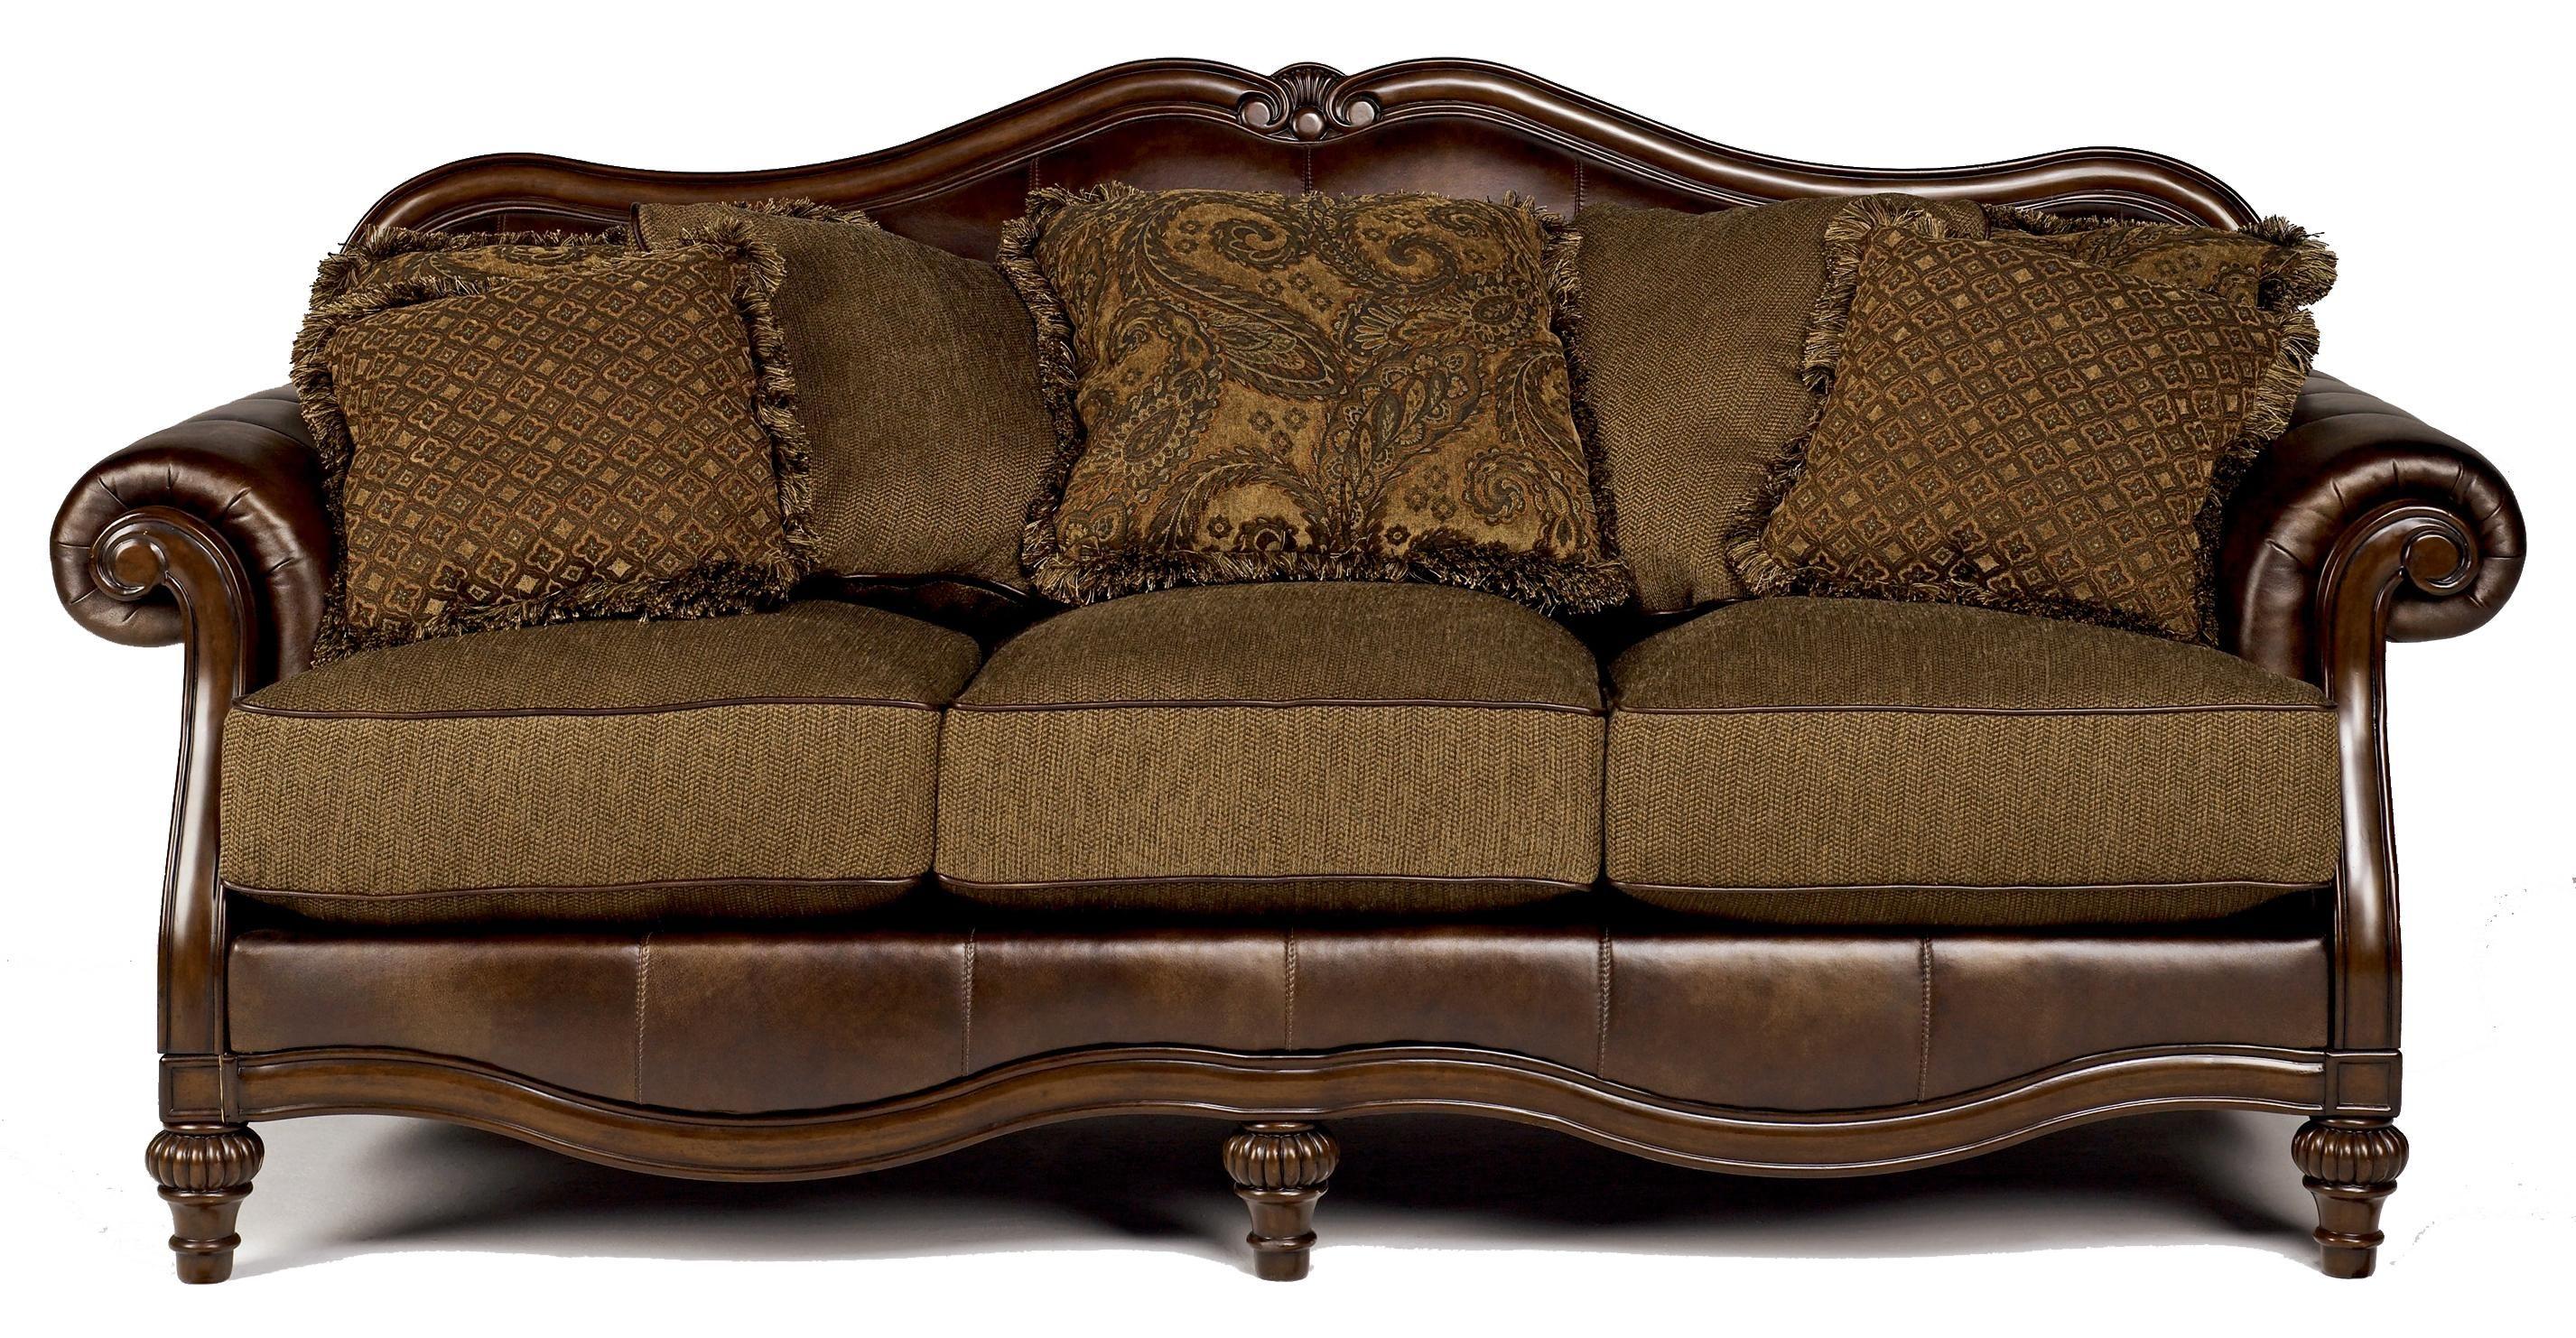 Claremore Antique Sofa By Signature Design Ashley